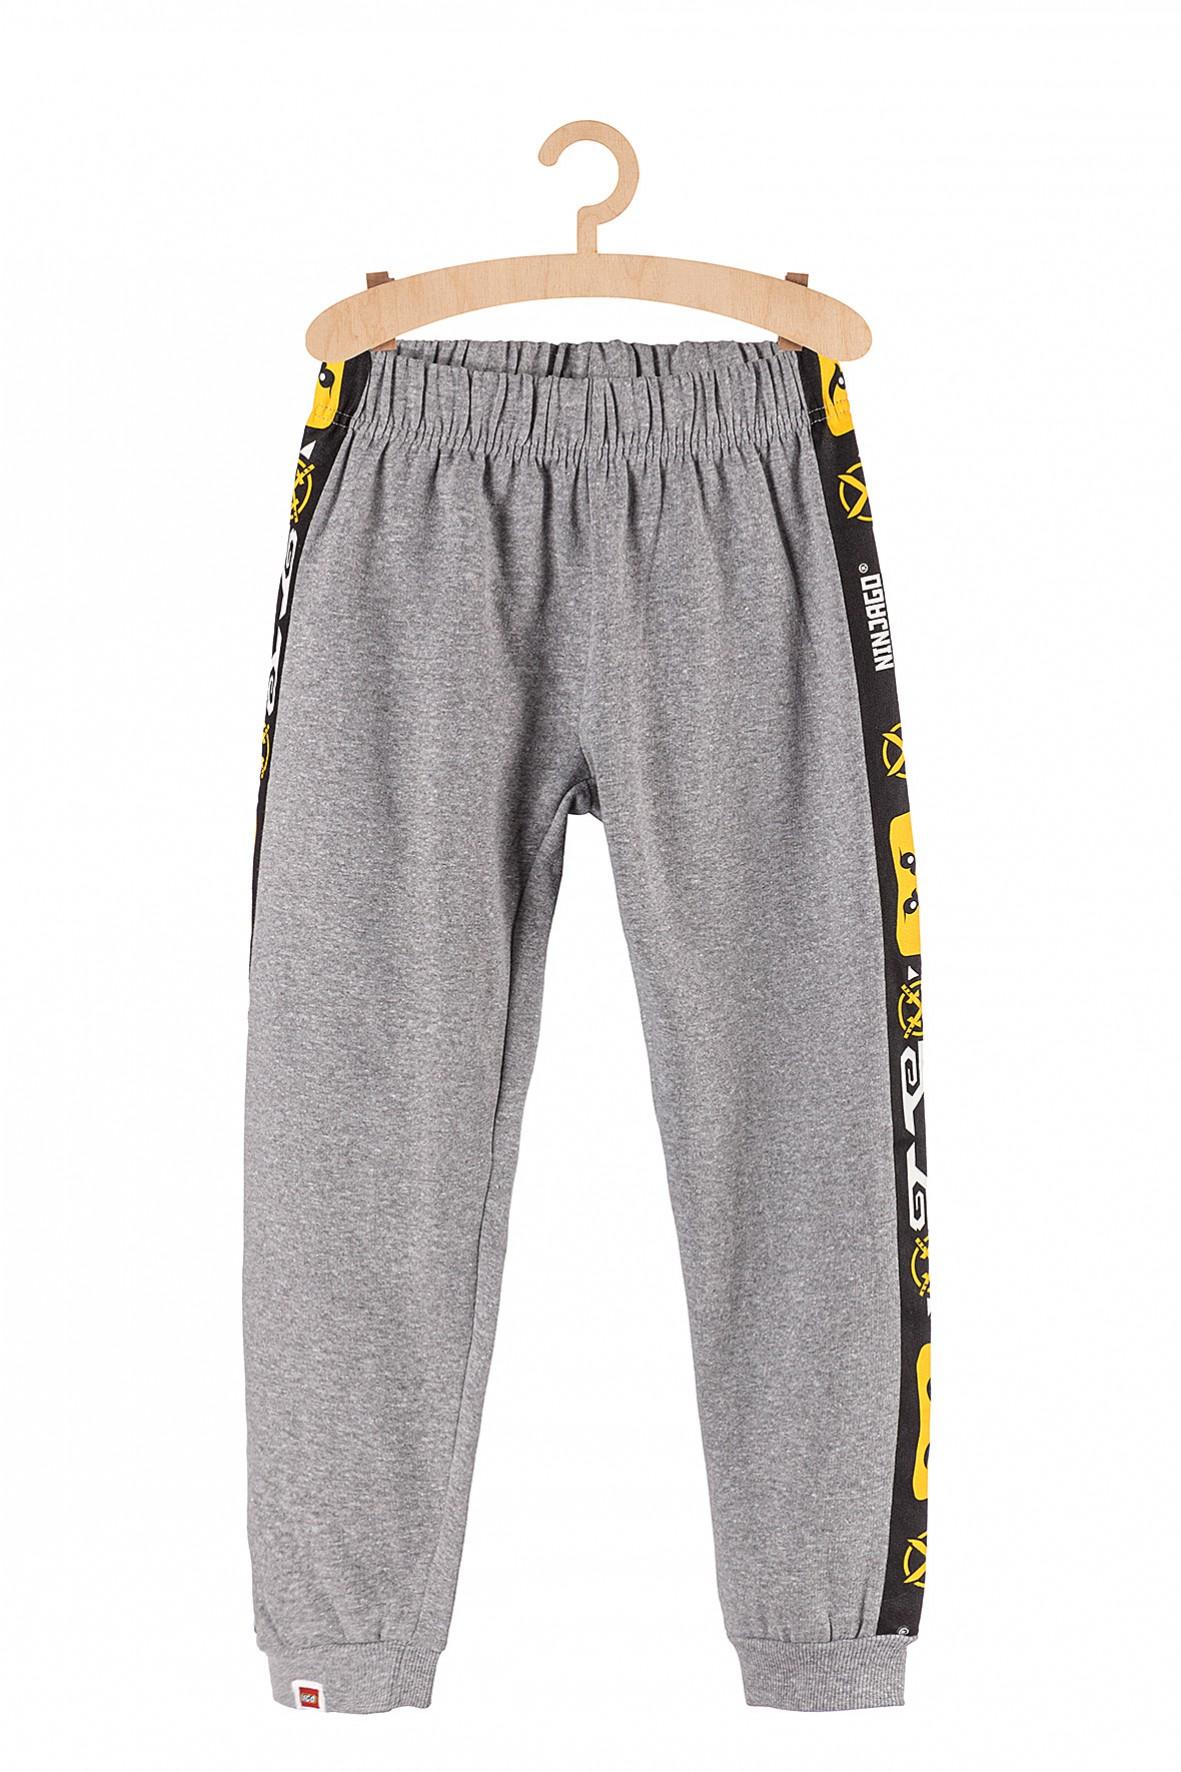 Spodnie chłopięce dresowe LEGO szare